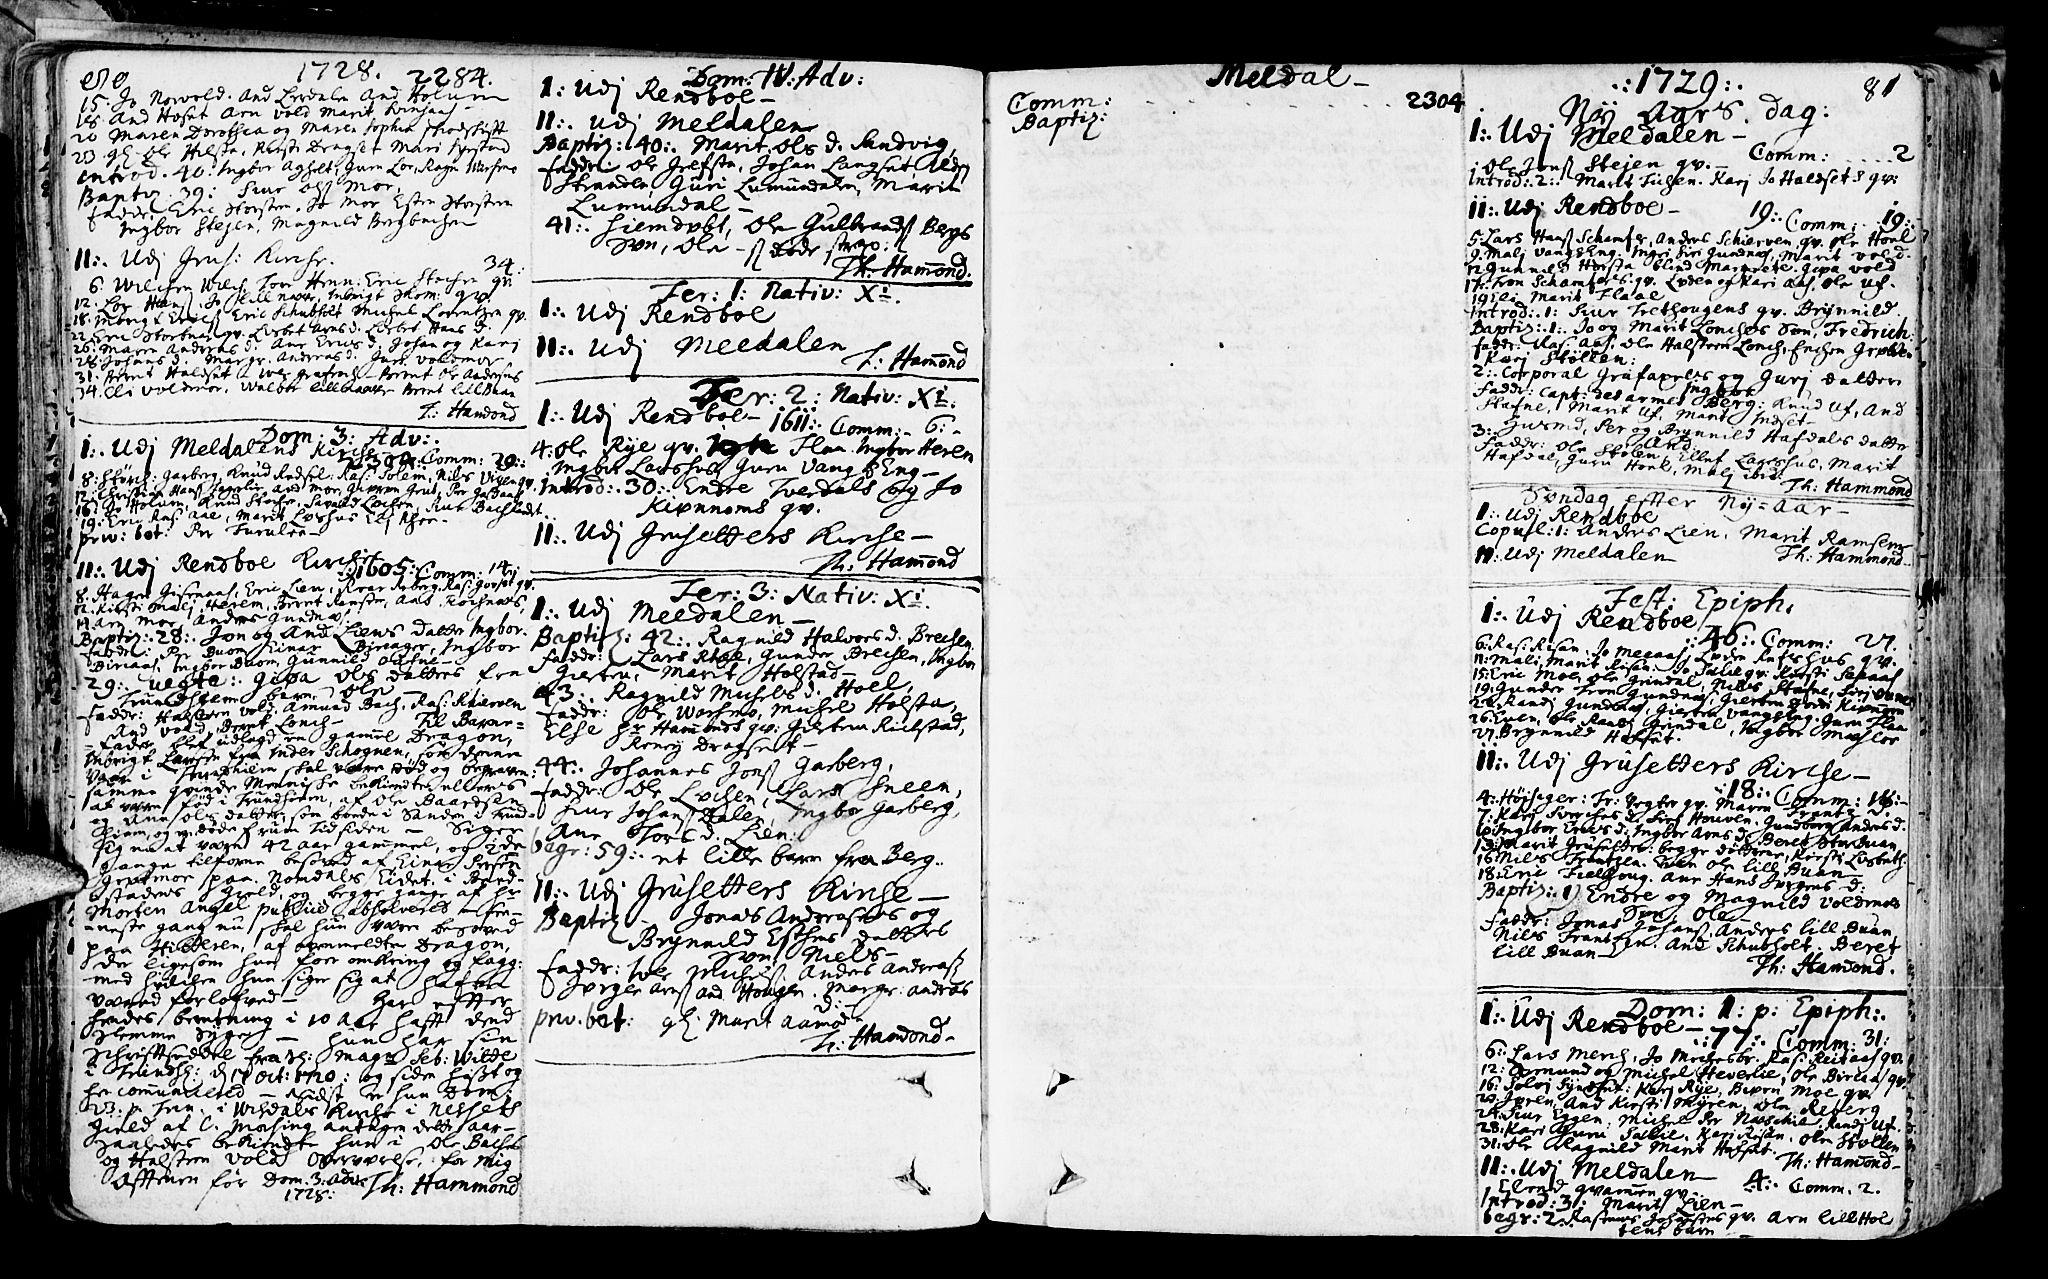 SAT, Ministerialprotokoller, klokkerbøker og fødselsregistre - Sør-Trøndelag, 672/L0850: Ministerialbok nr. 672A03, 1725-1751, s. 80-81